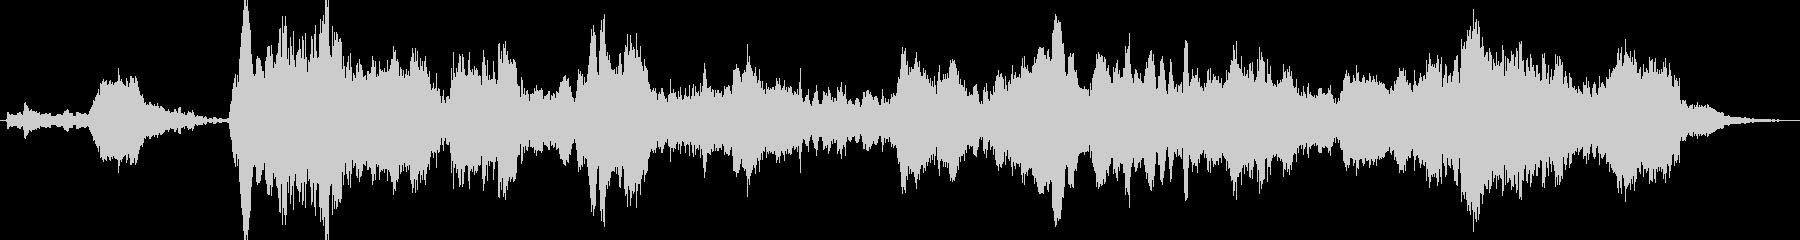 暗く静かなシンセアンビエントBGMの未再生の波形